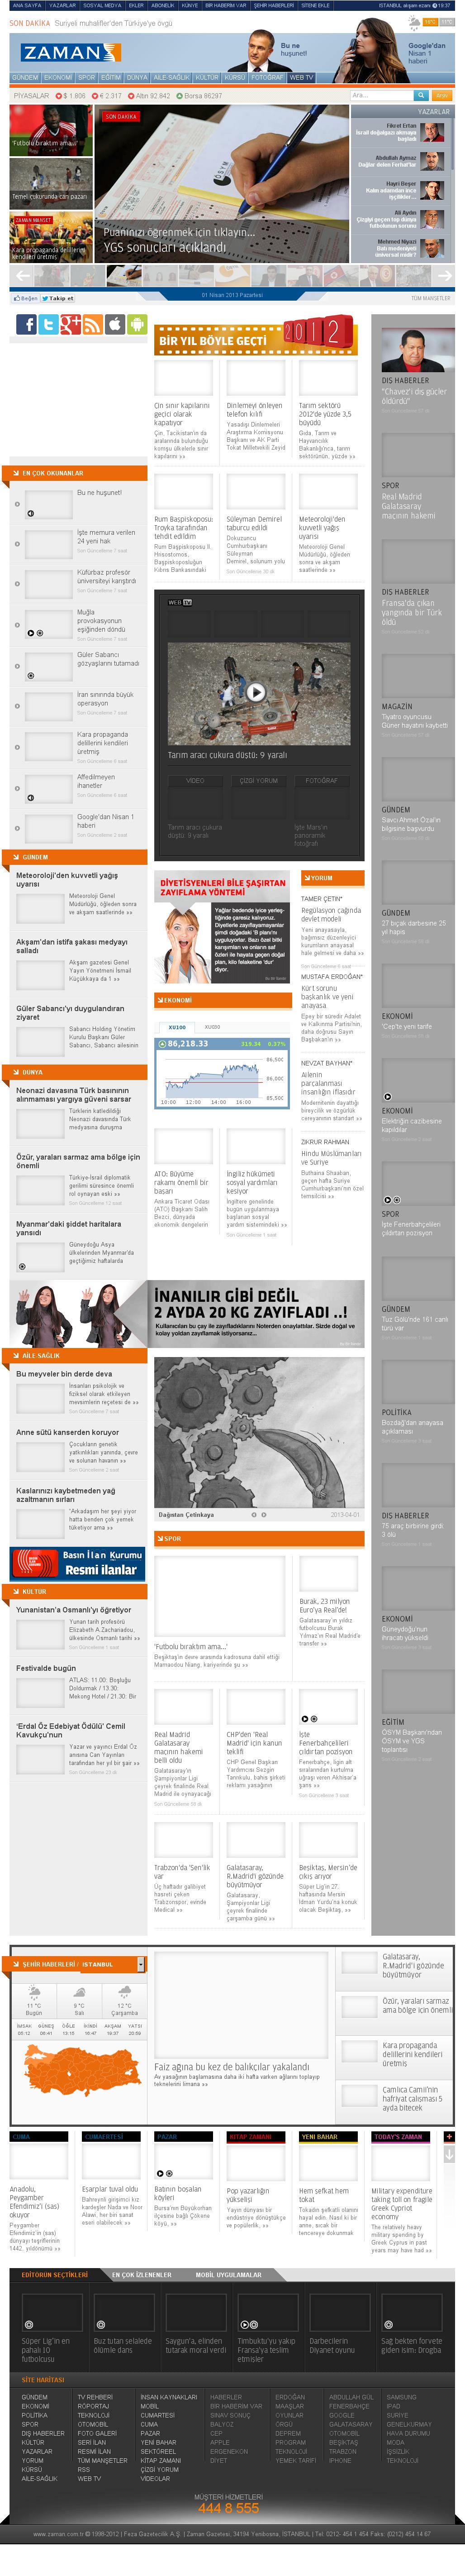 Zaman Online at Monday April 1, 2013, 2:25 p.m. UTC